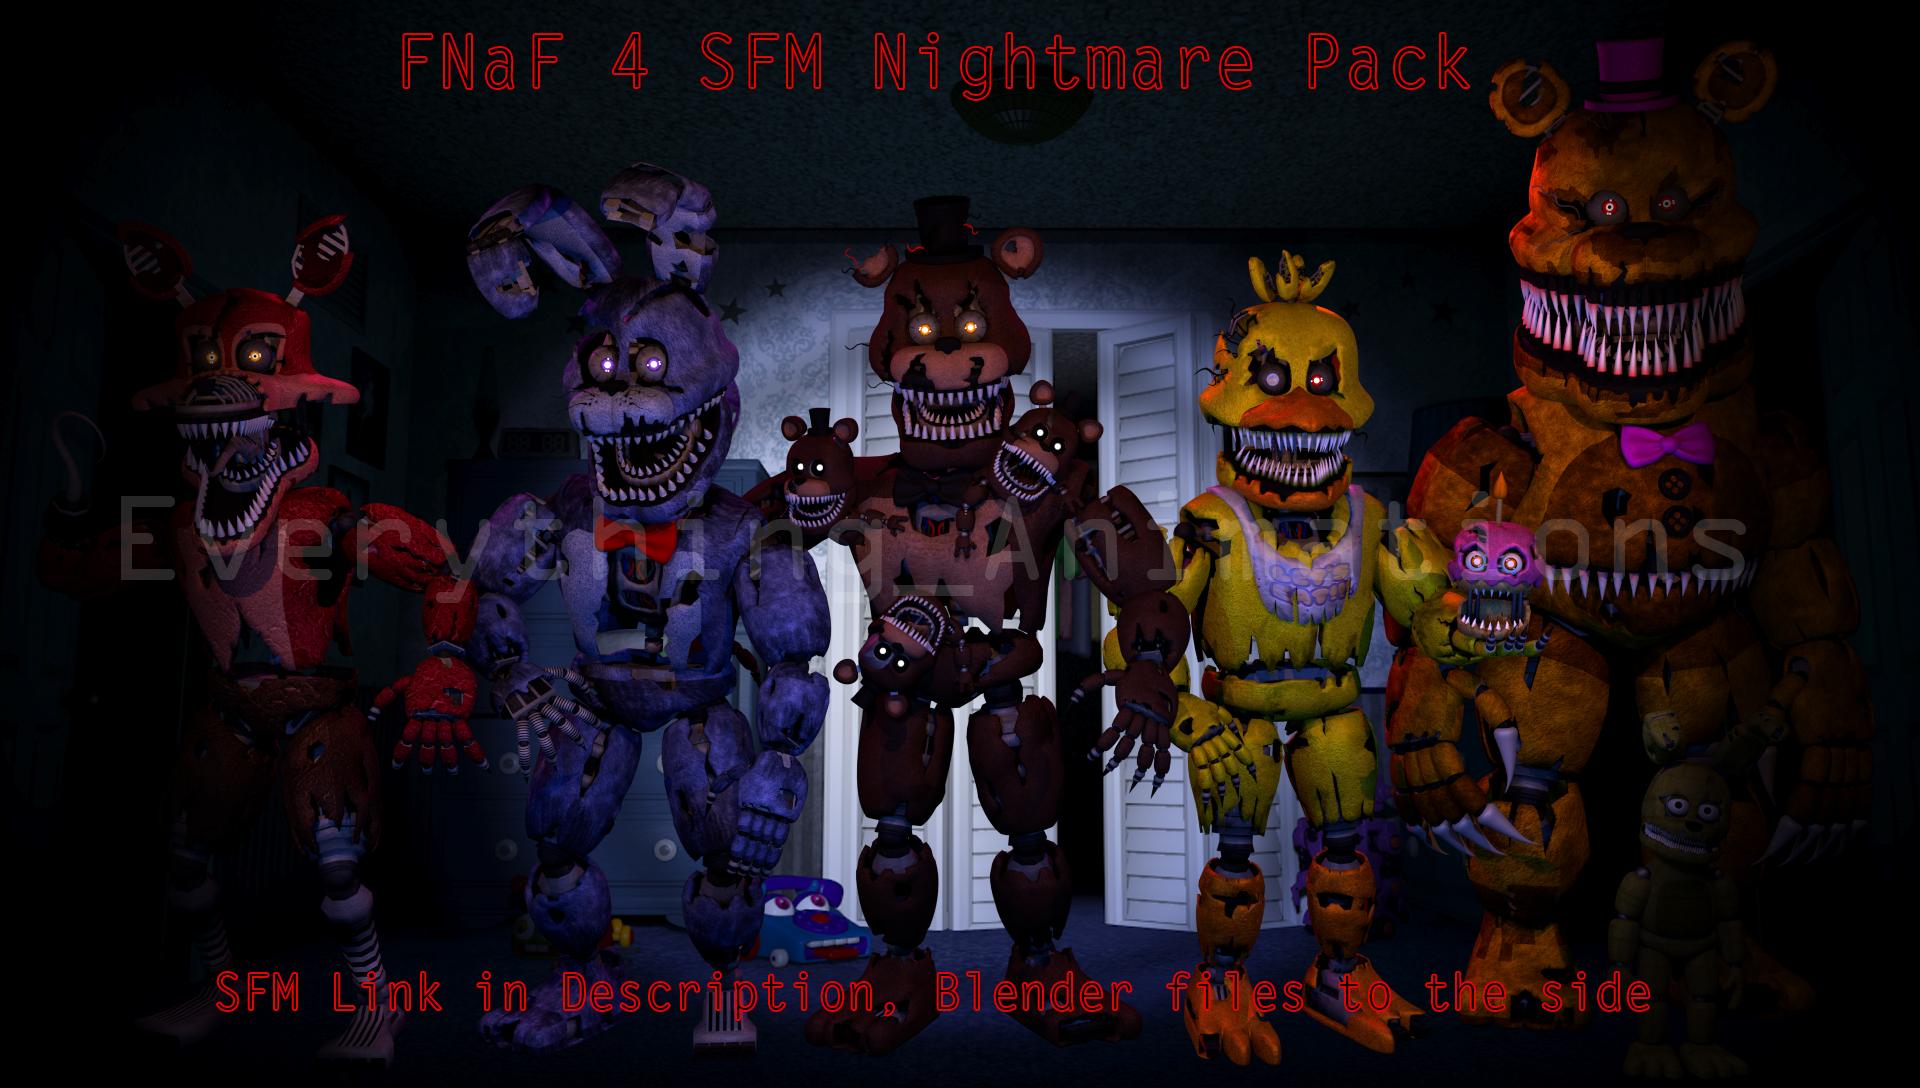 FNaF 4 SFM Pack SFM in des blend files to side by 1920x1088